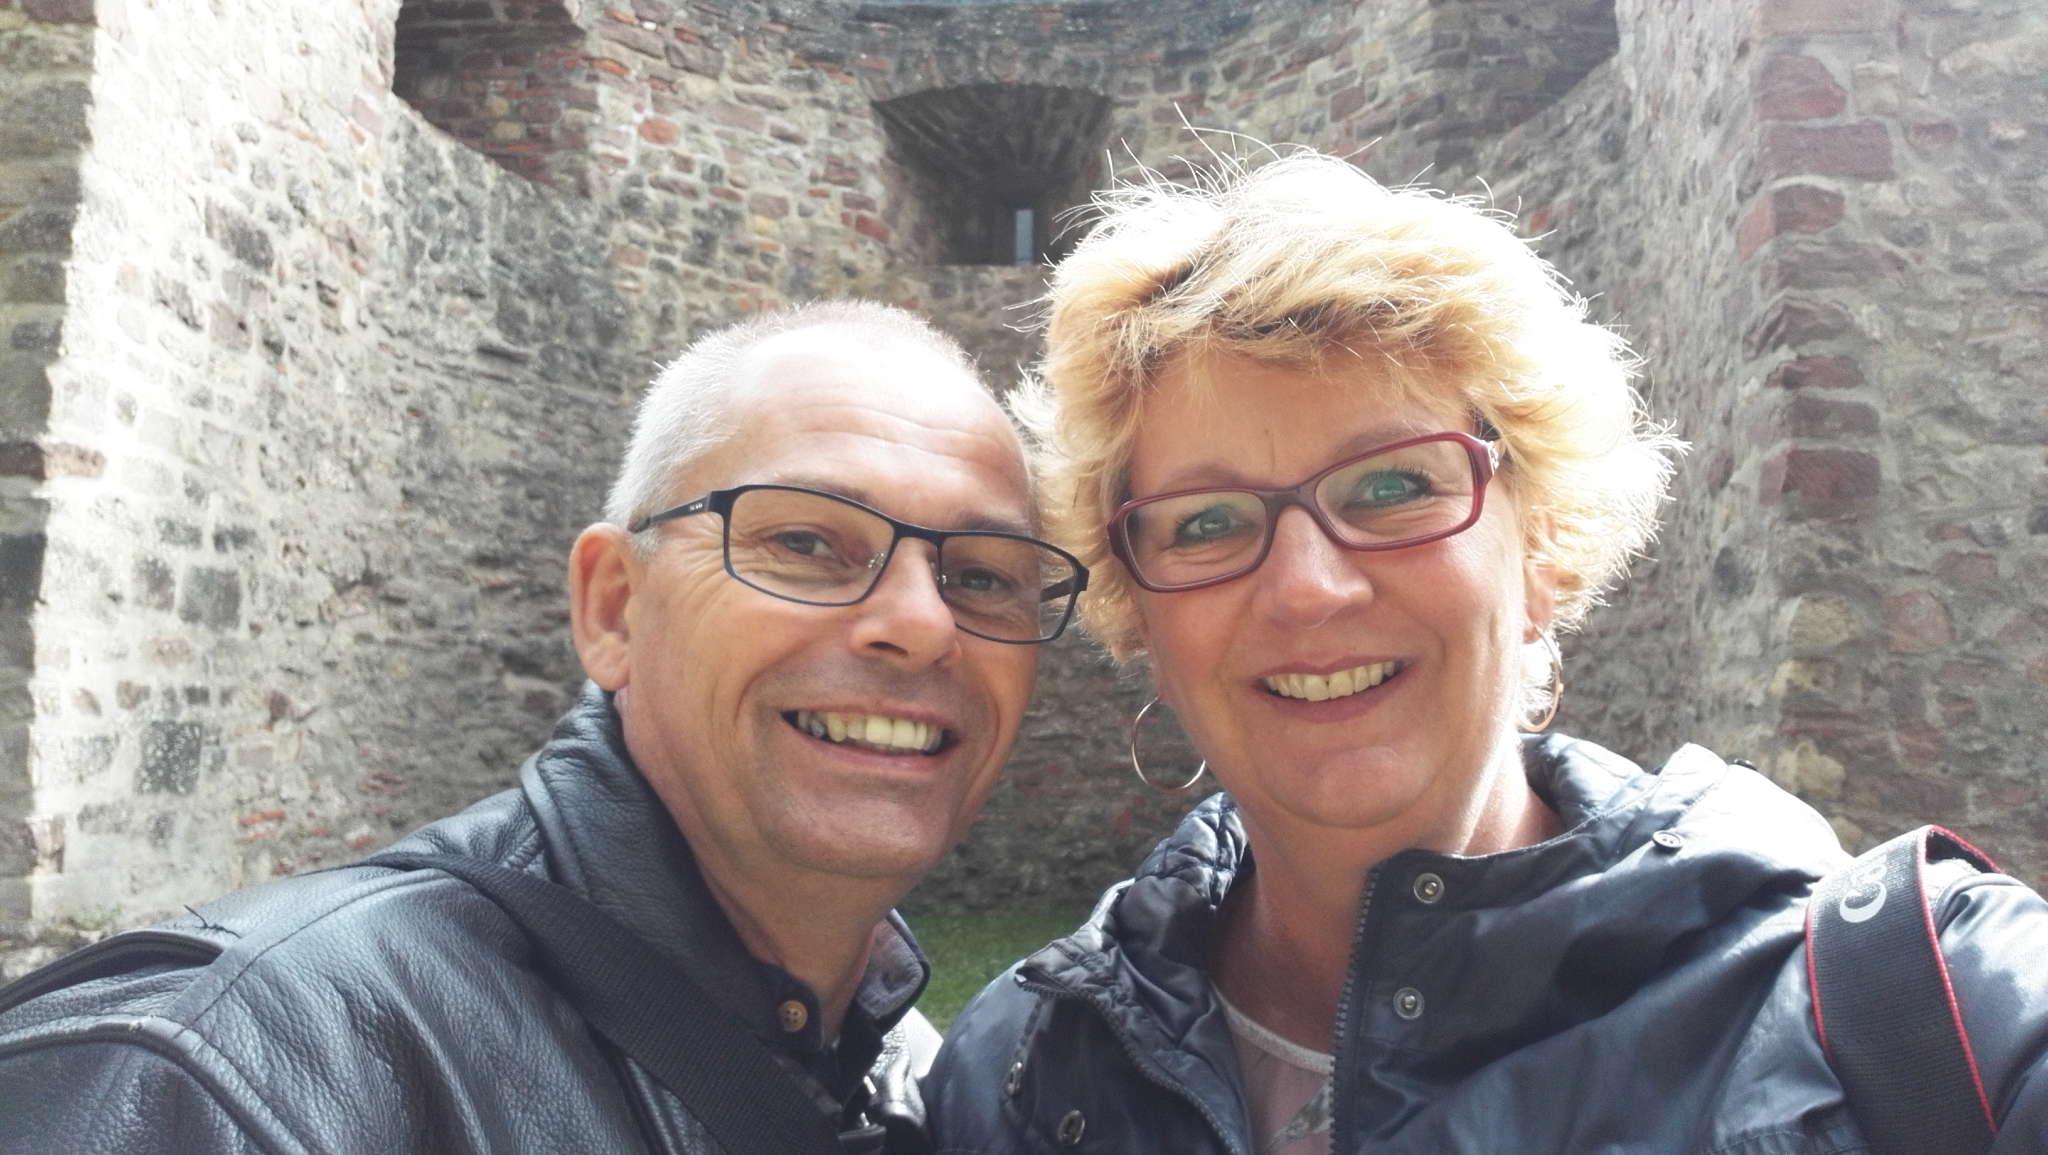 Die Familie Esther Zomerdijk-Tijhuis stellt sich vor